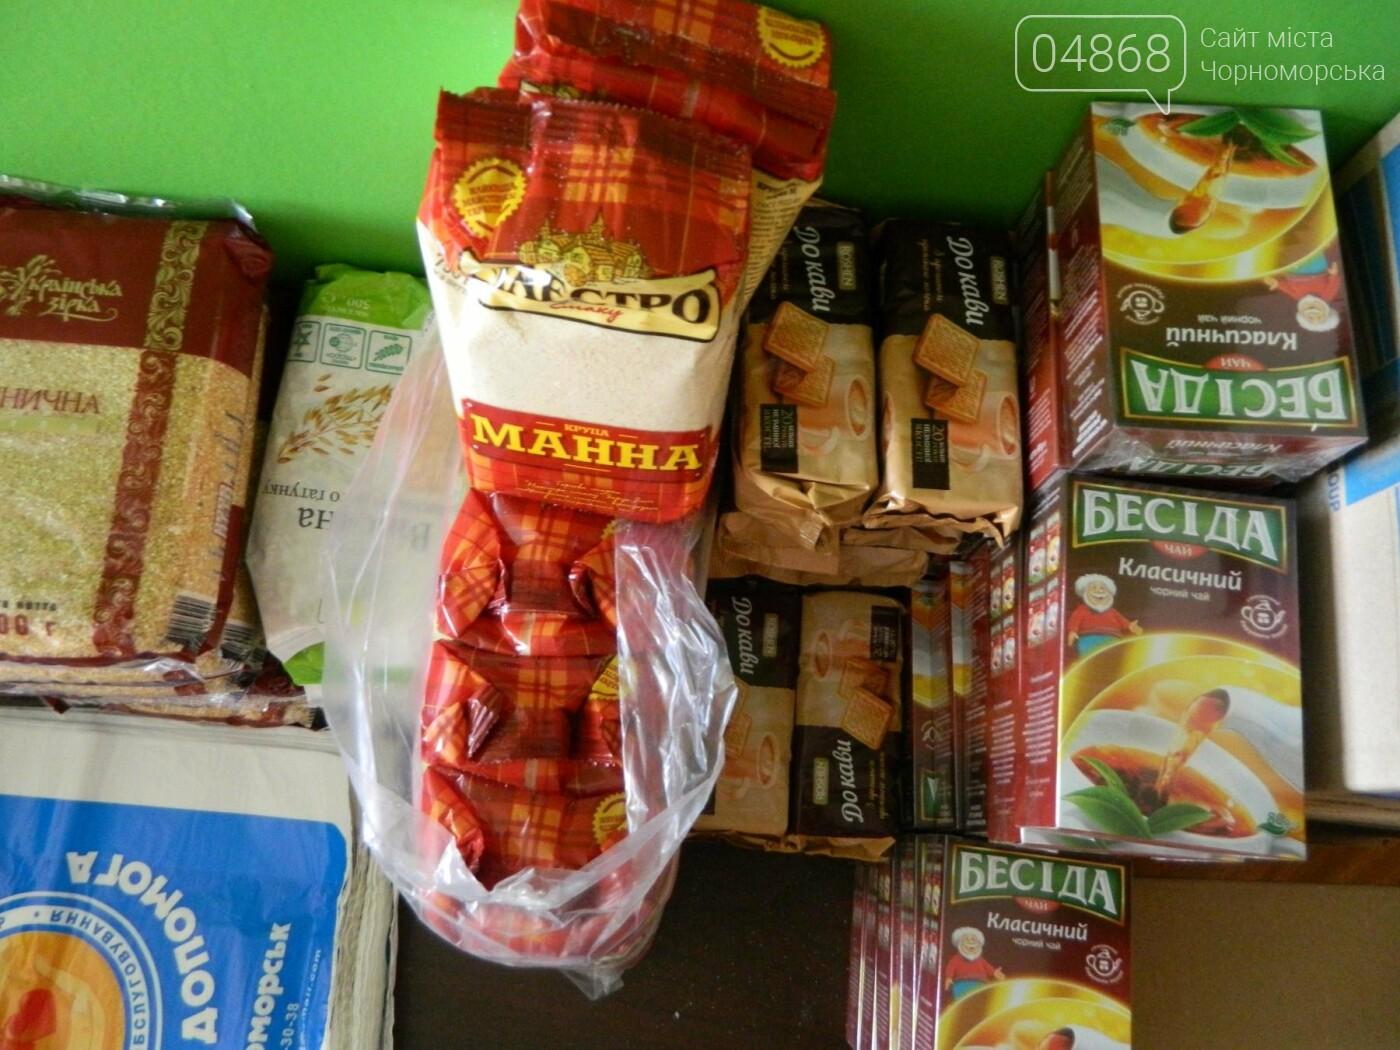 Подопечные Черноморского терцентра бесплатно получают мясную продукцию, фото-11